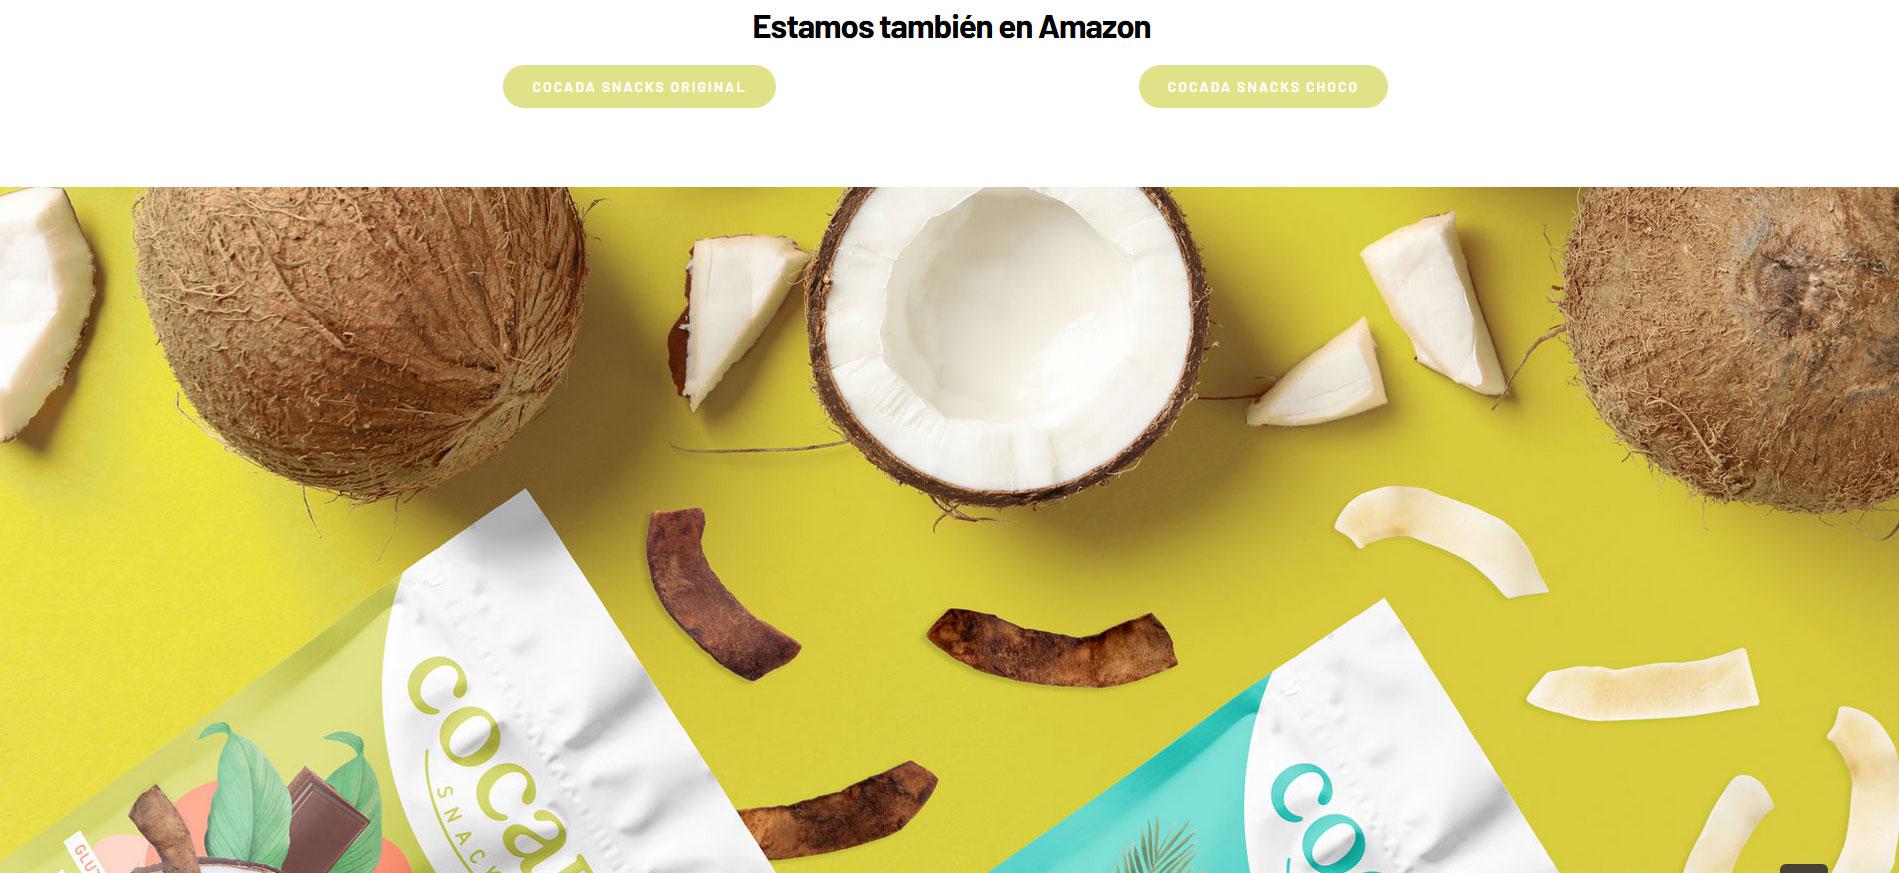 cocada-snack-web-4